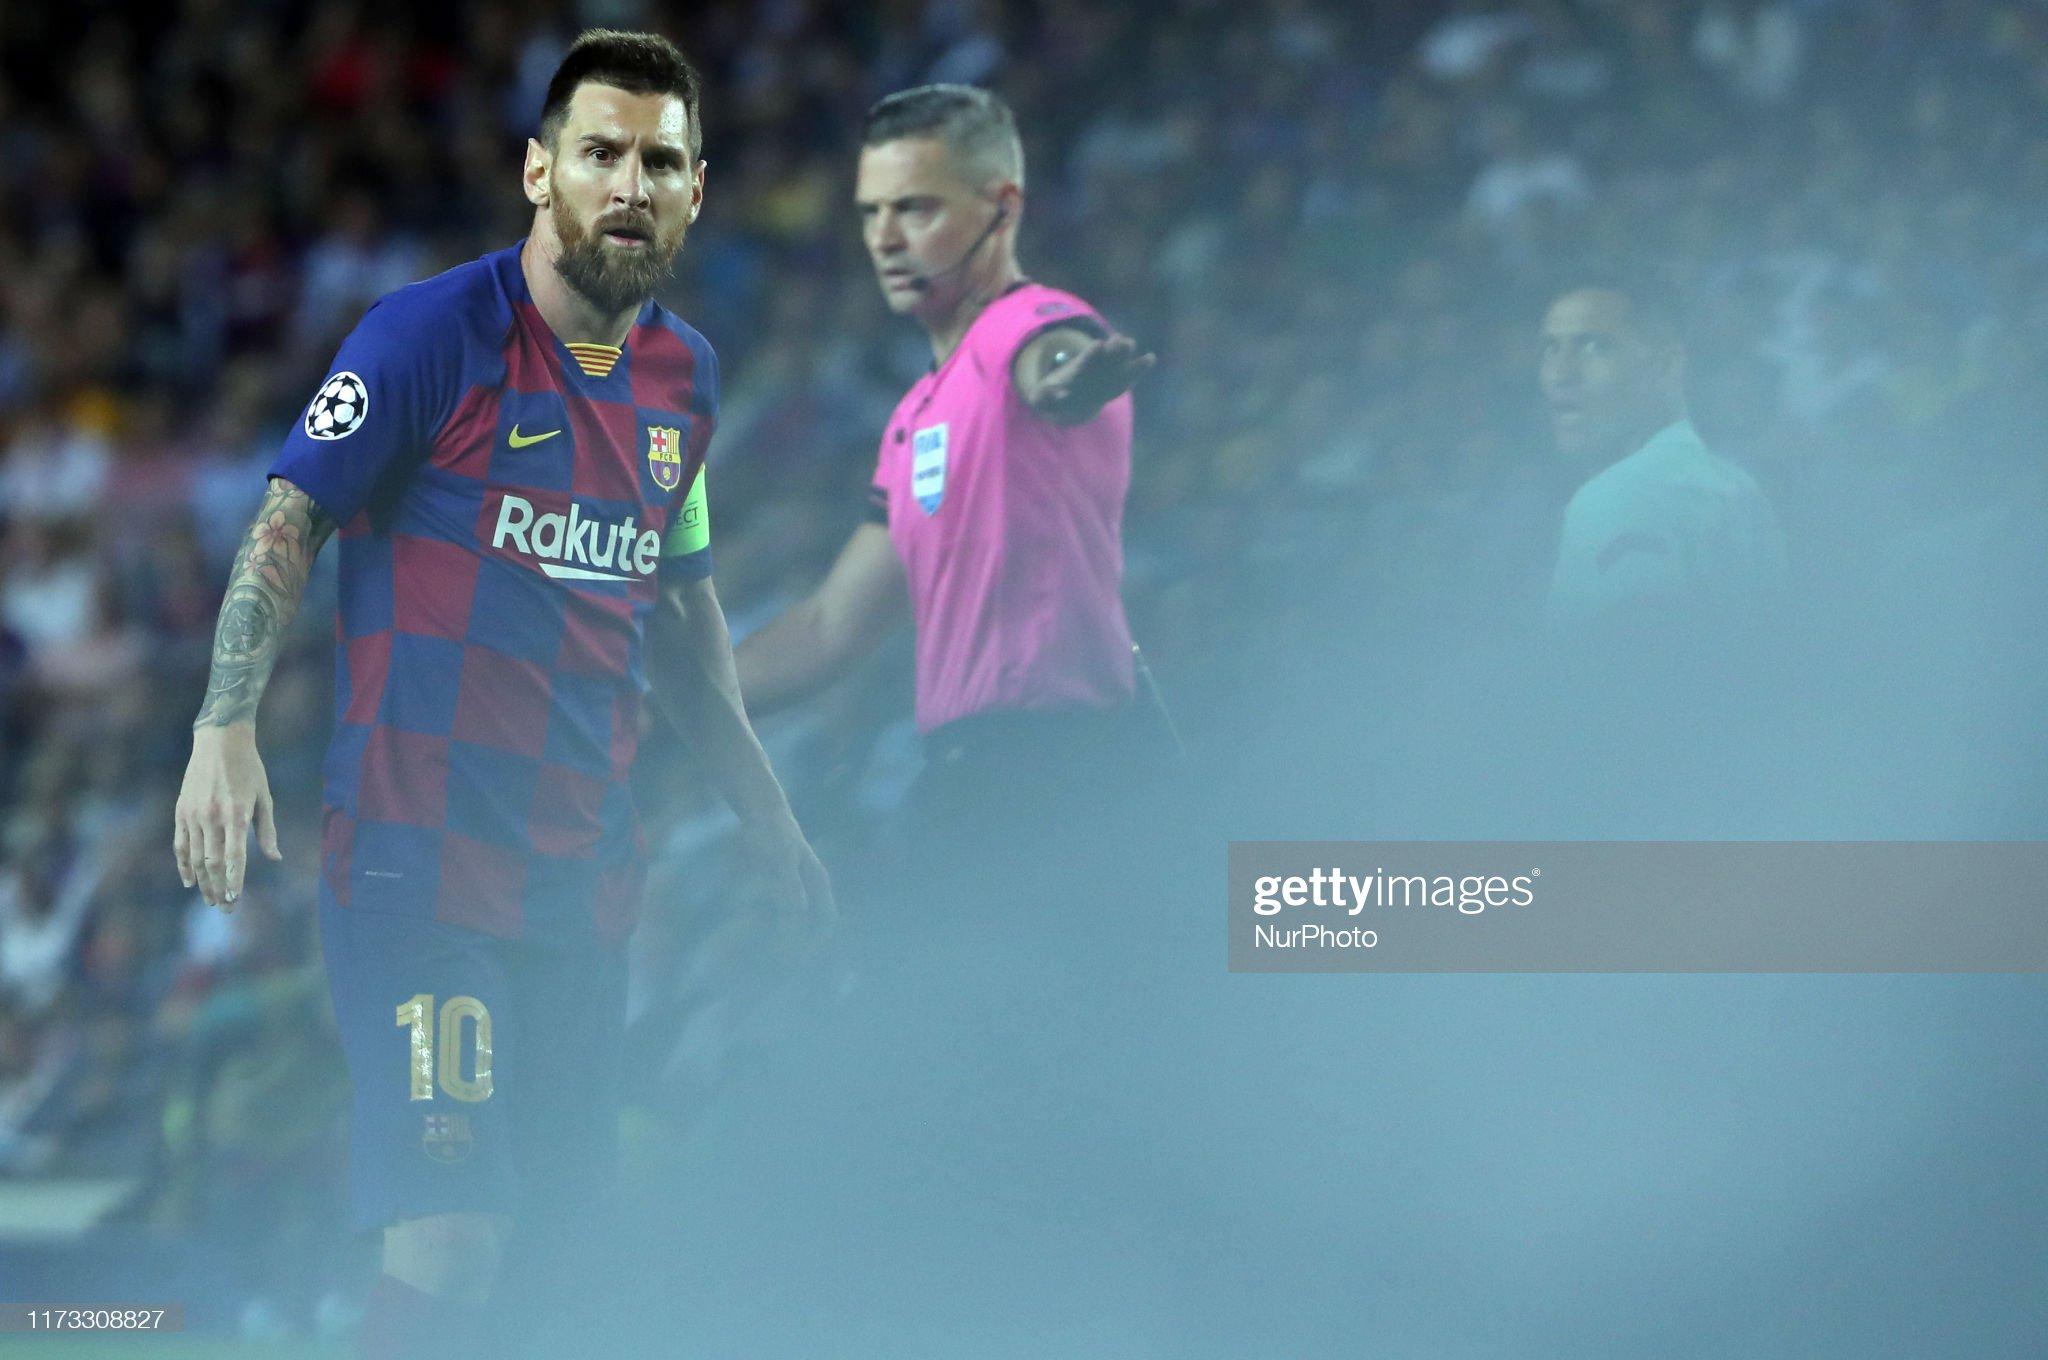 صور مباراة : برشلونة - إنتر 2-1 ( 02-10-2019 )  Leo-messi-during-the-match-between-fc-barcelona-between-inter-to-the-picture-id1173308827?s=2048x2048